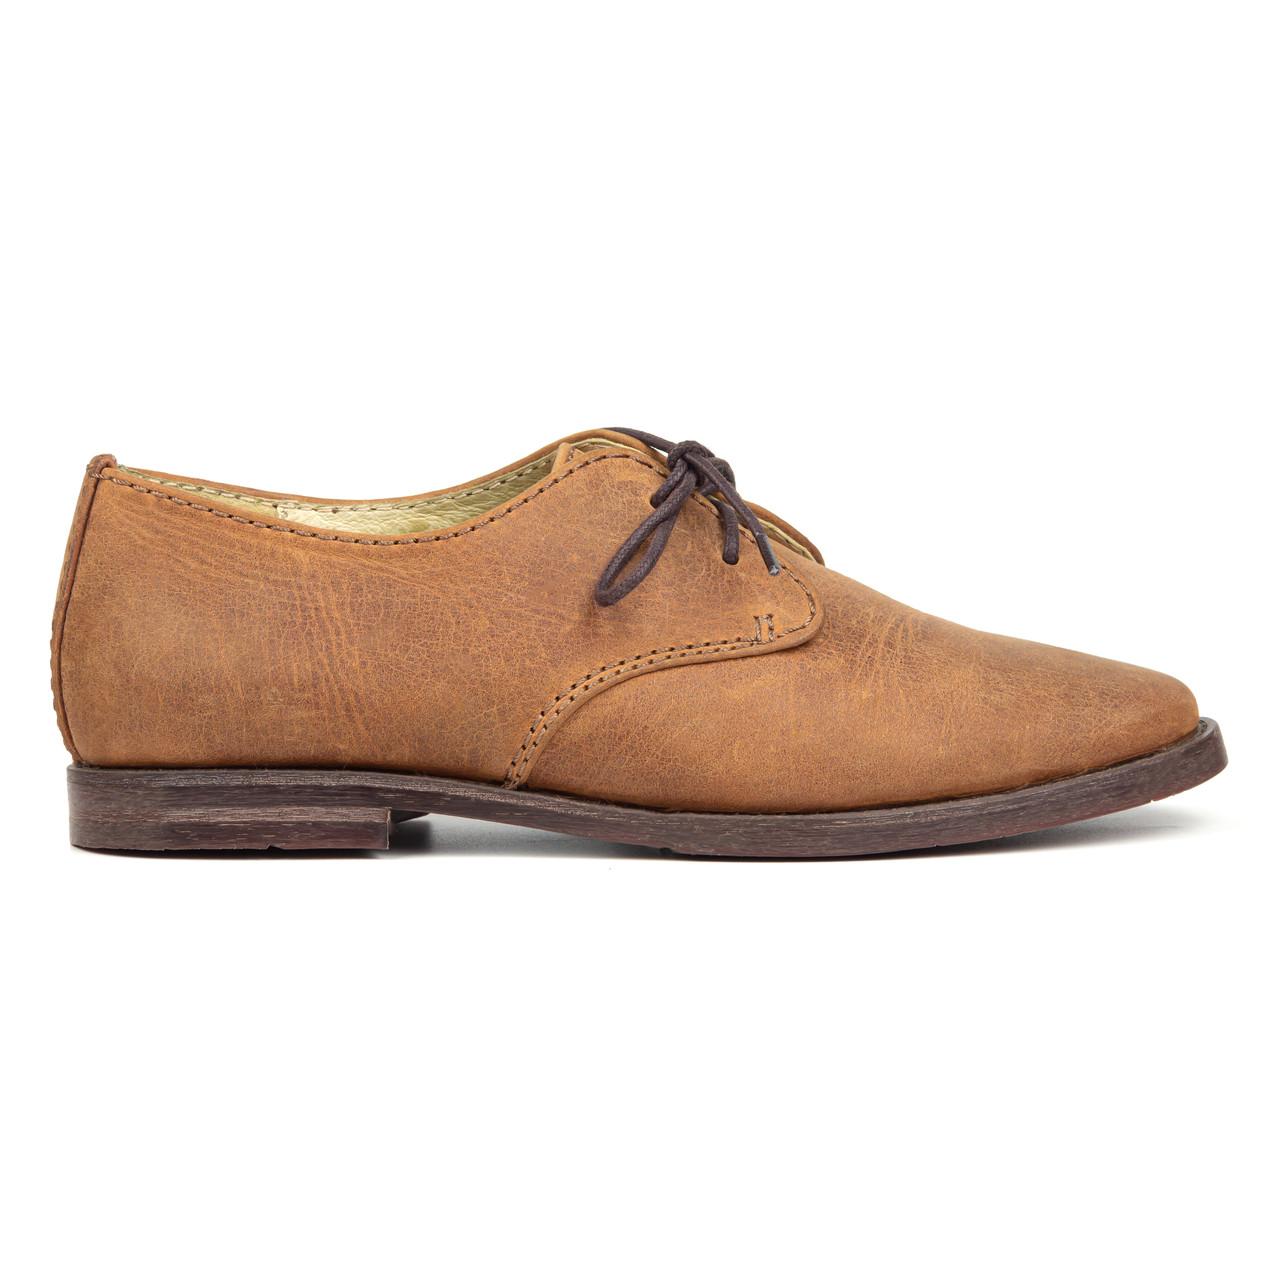 Туфли женские Woman's heel 36 коричневые (О-572)